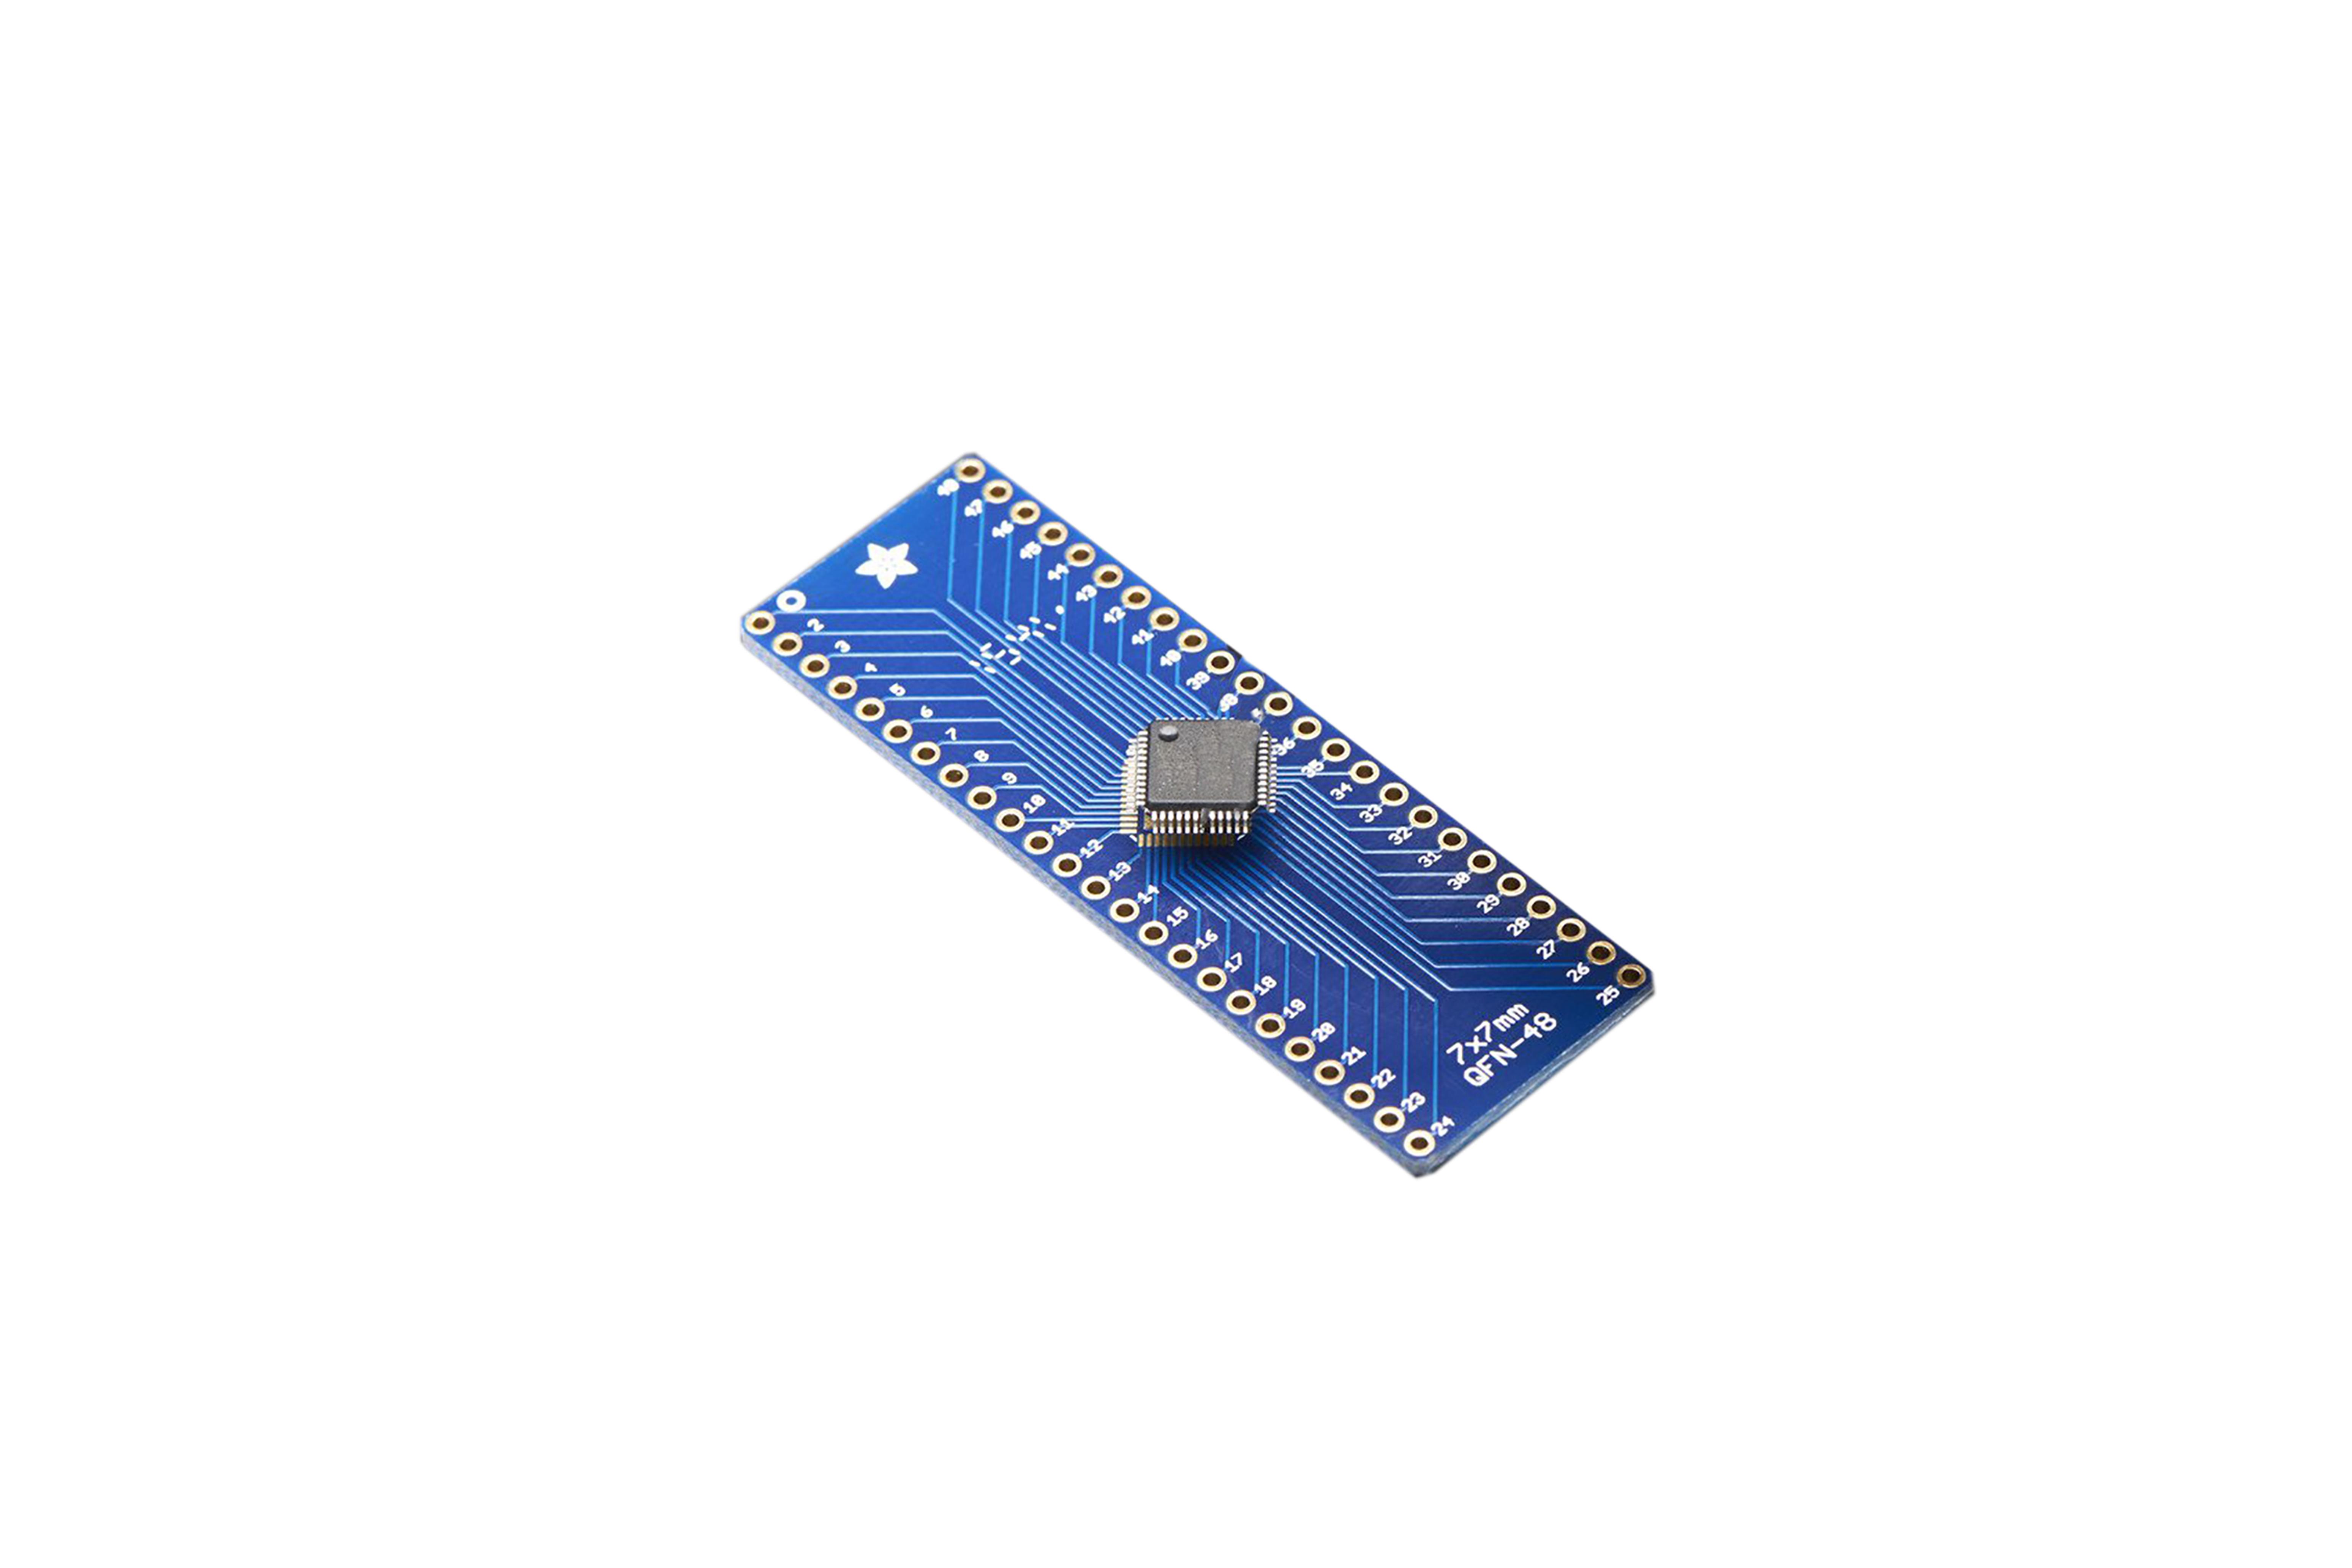 SMT ブレイクアウトPCB(48-QFNまたは48-TQFP用)